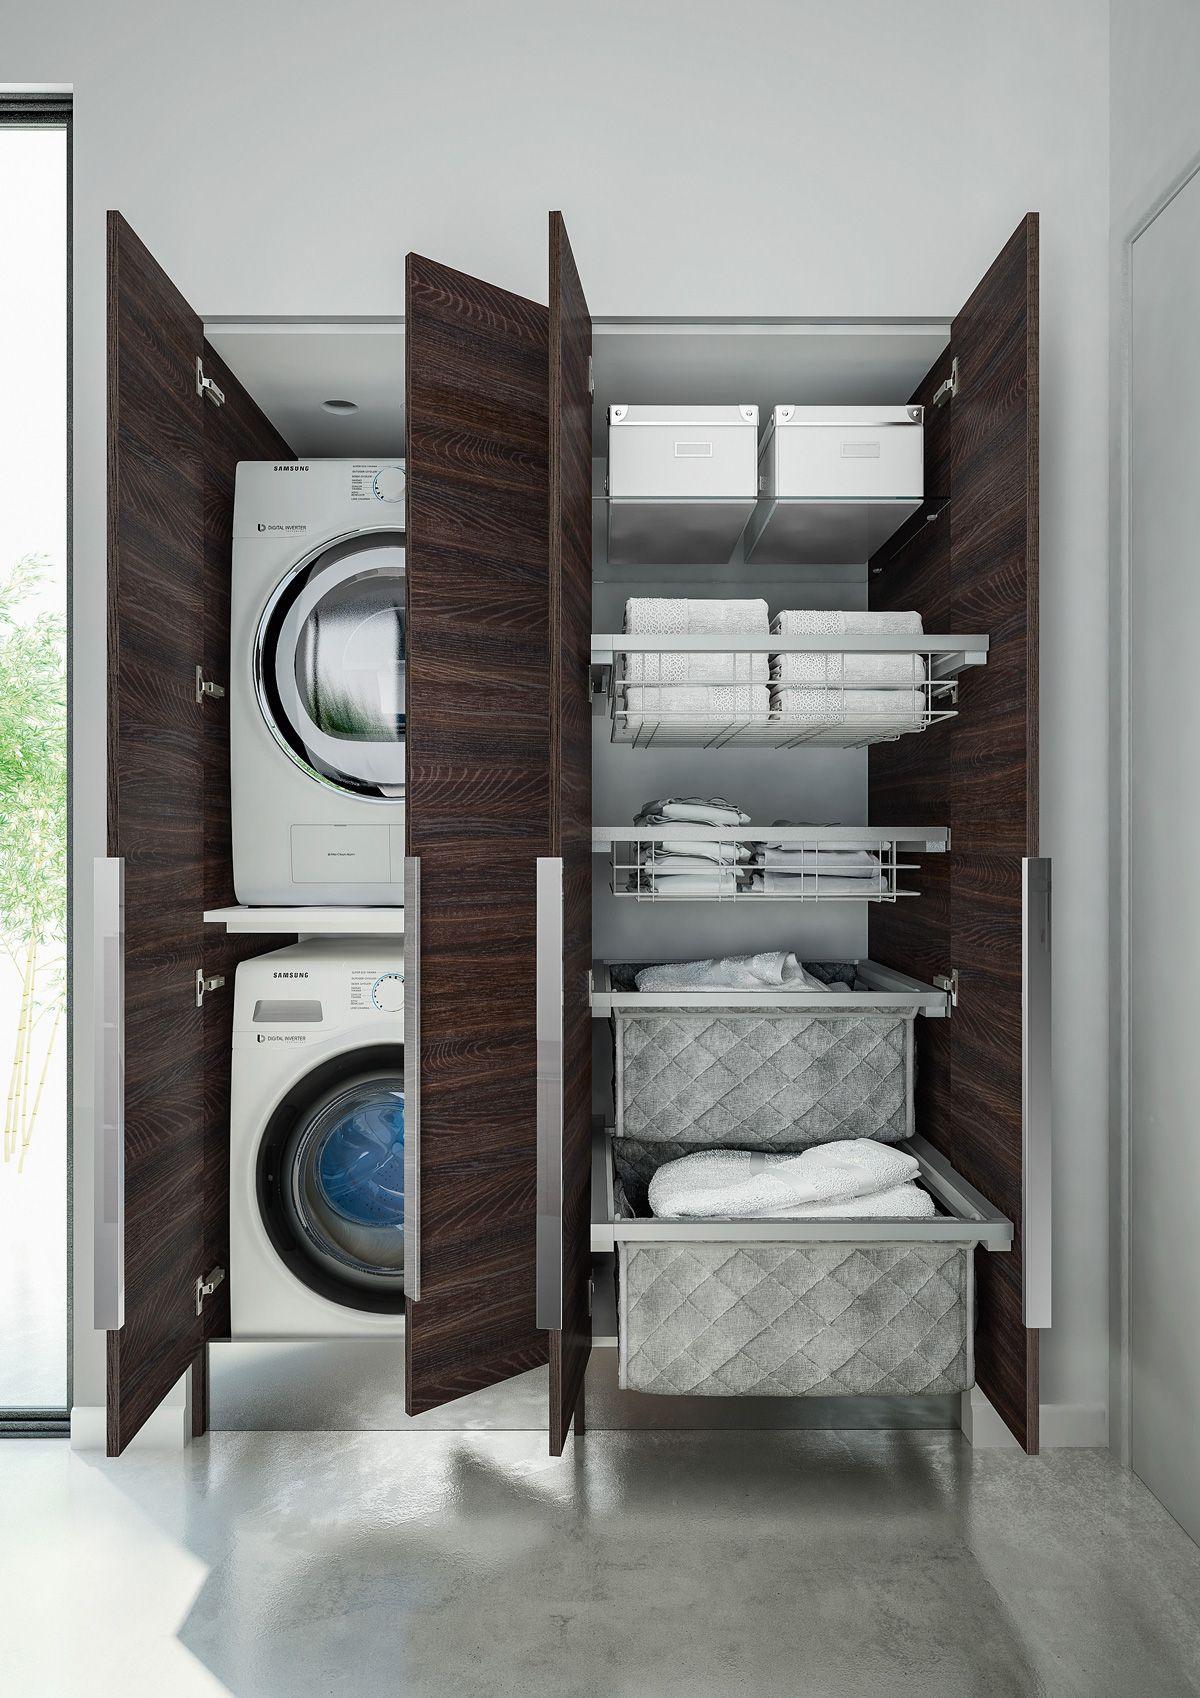 Lavanderia invisibile come progettarla nel bagno di casa - Mobili per lavatrice ...